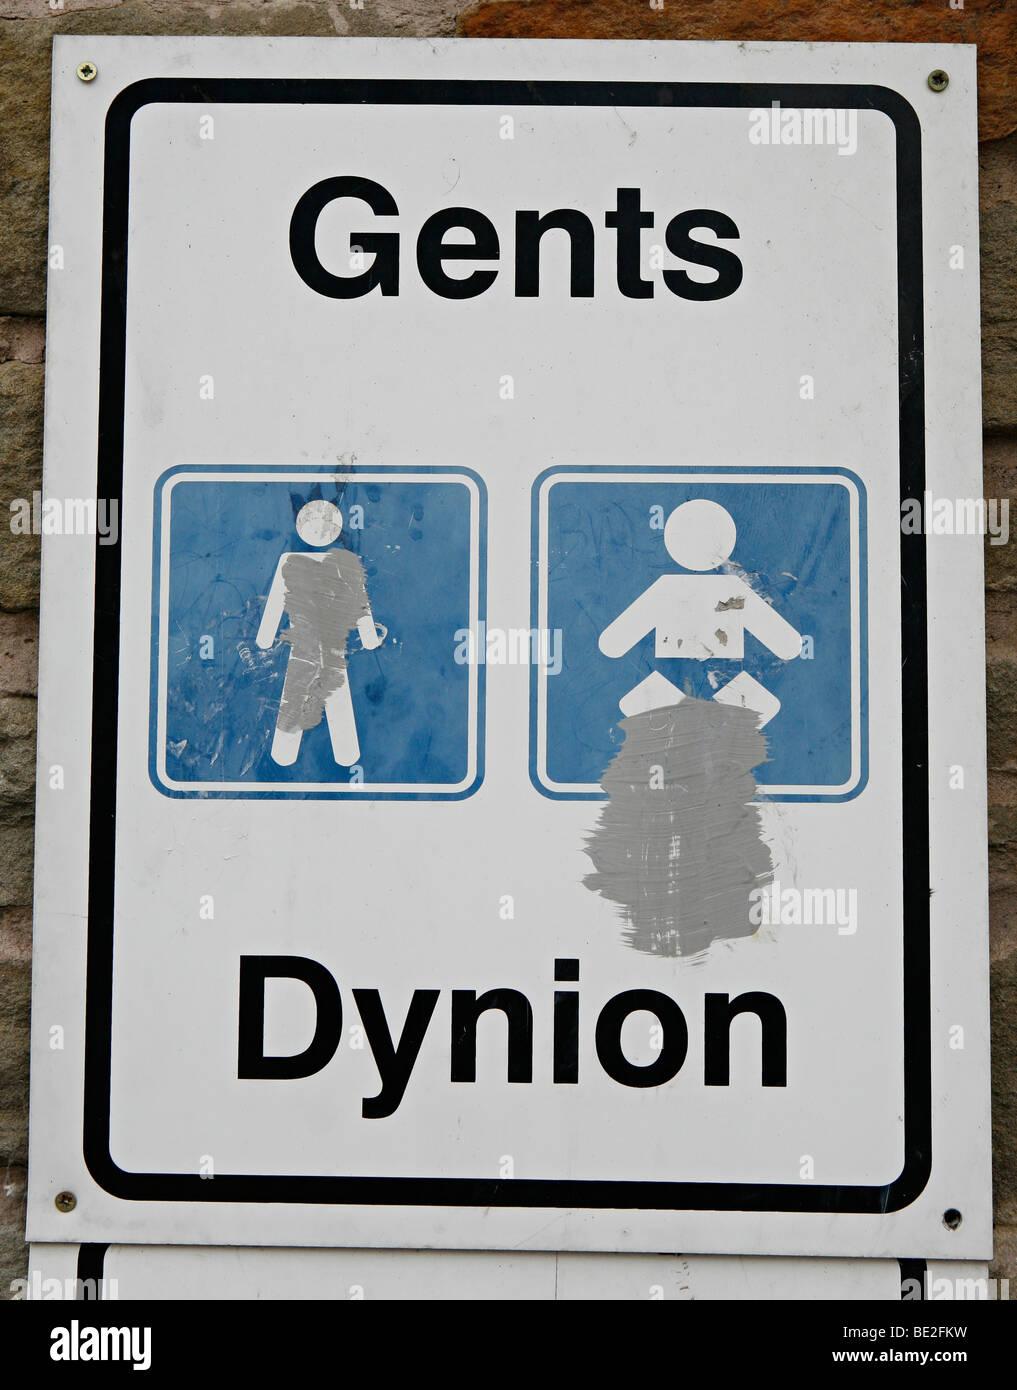 Eine Toilette Anmelden Englisch Und Walisisch Stockfoto Bild